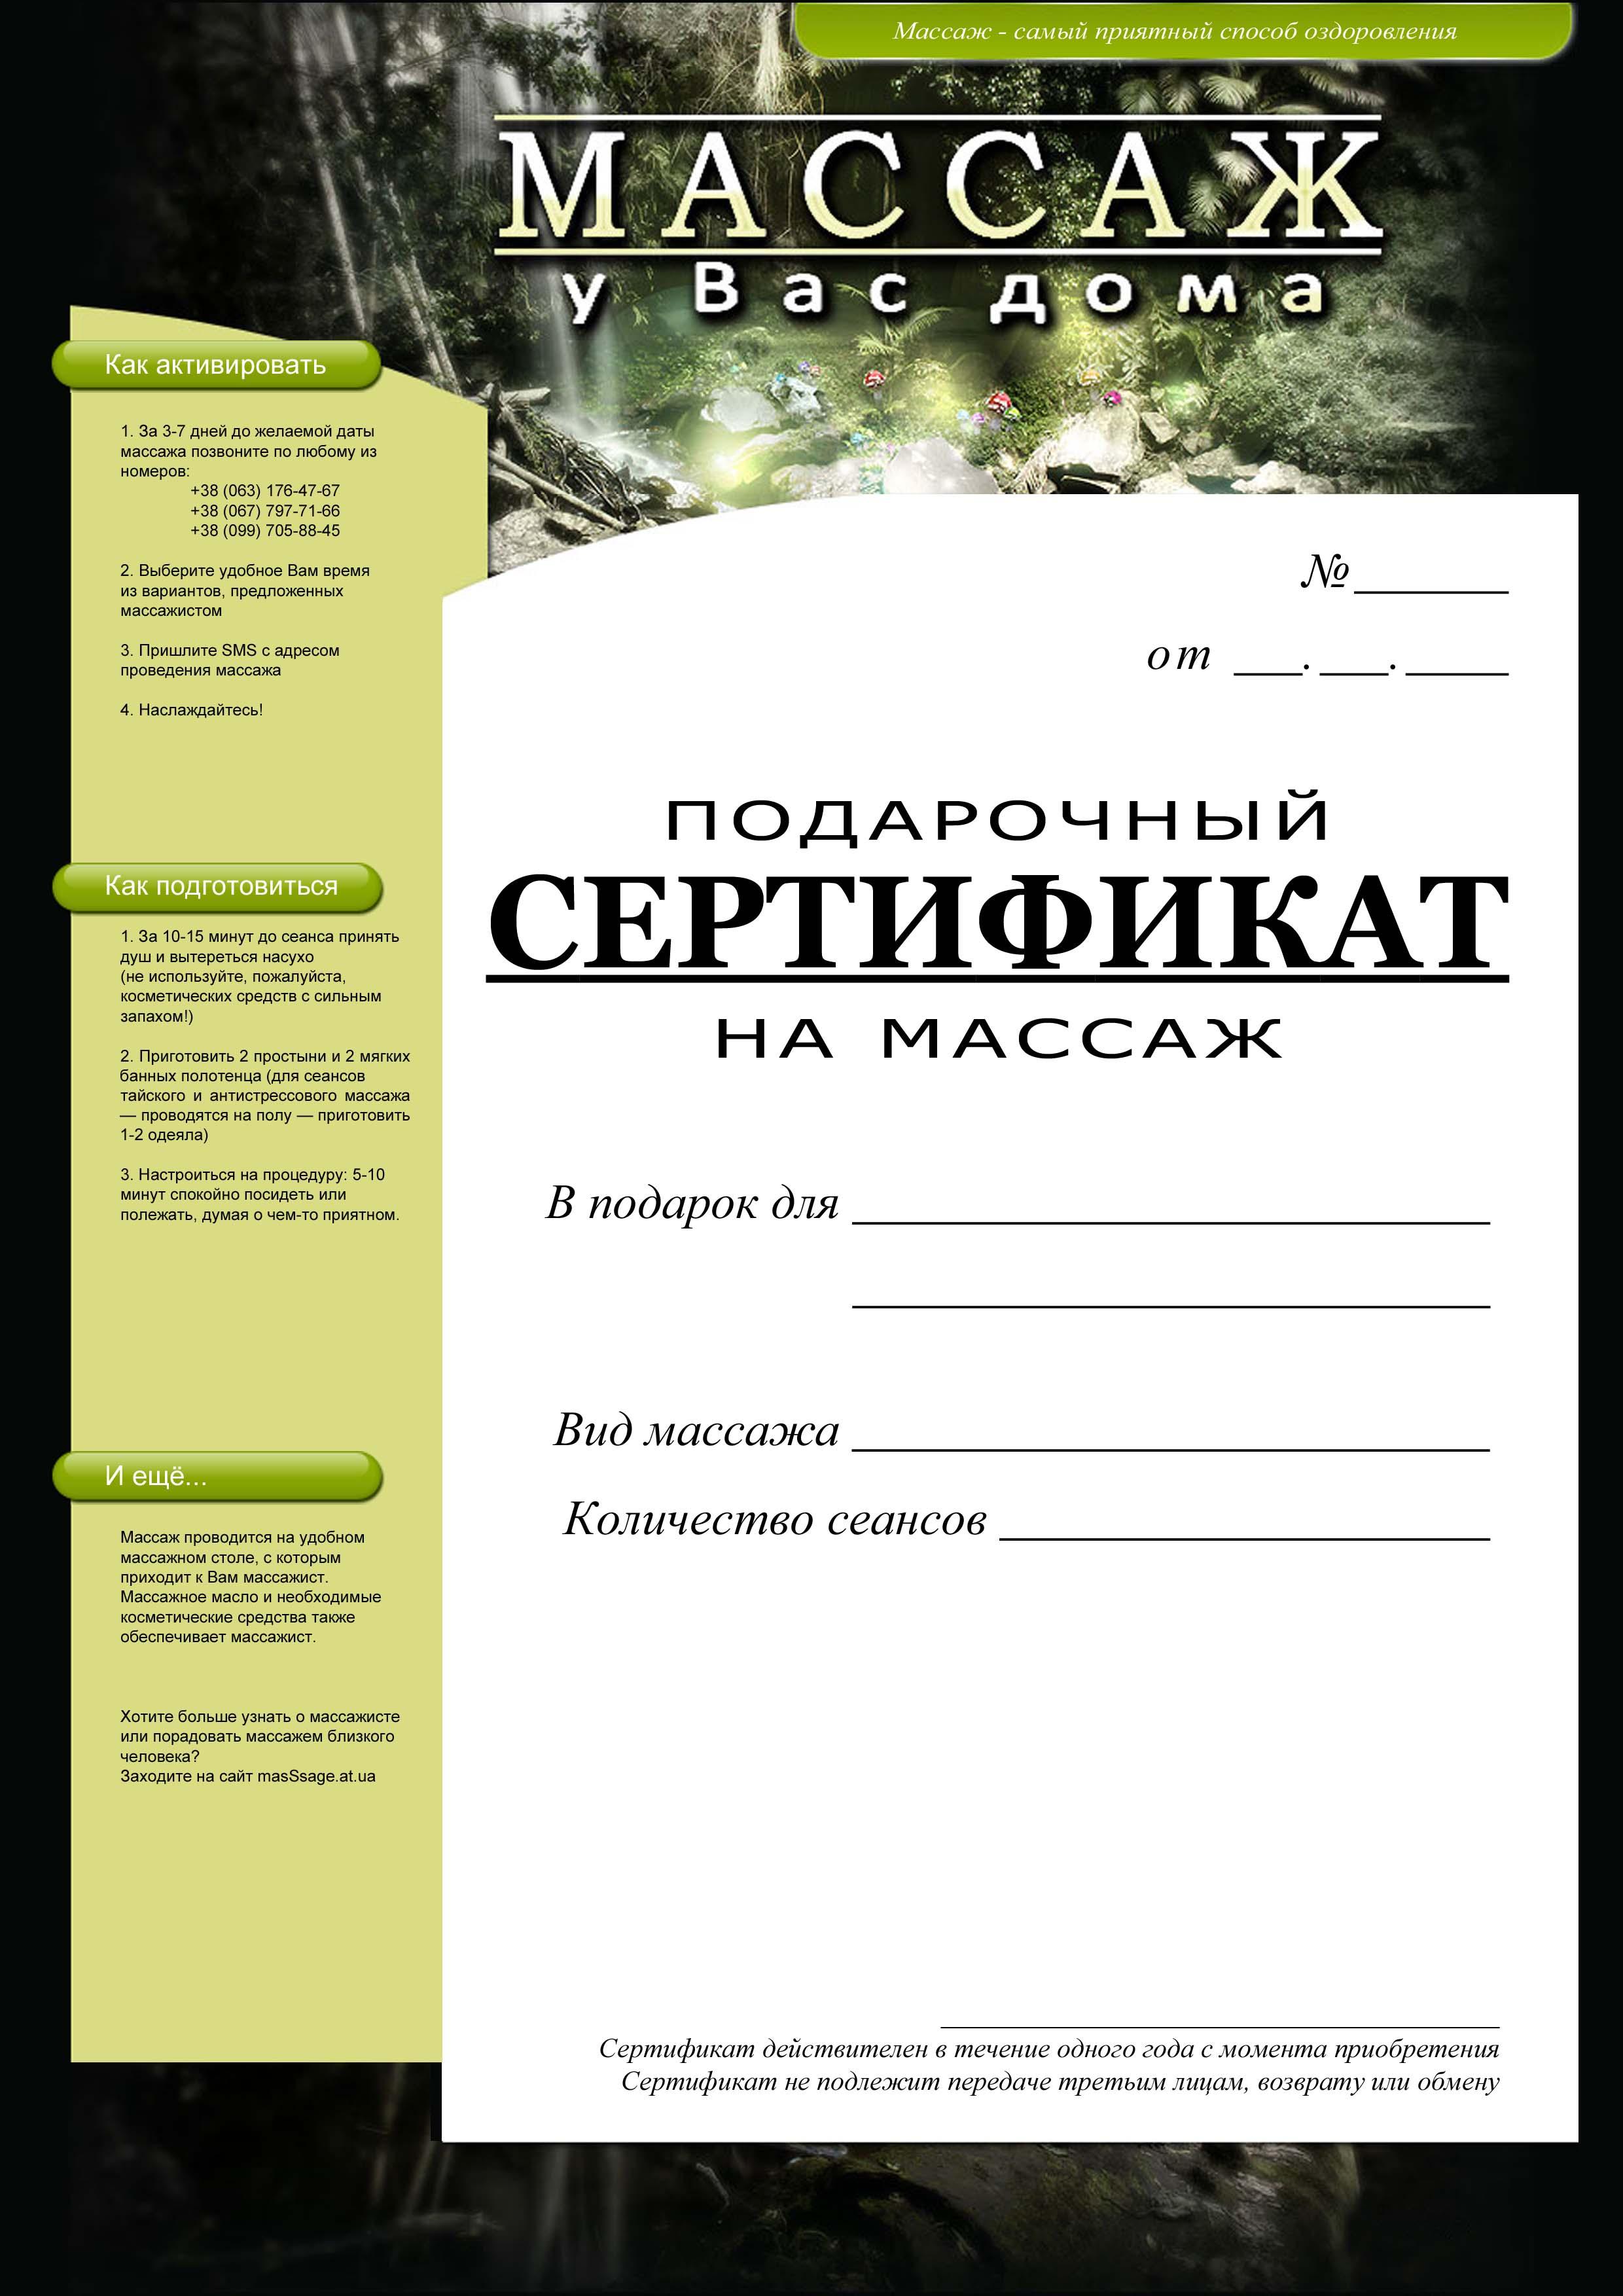 Подарочный сертификат на массаж Киев - Сертификаты на массаж в подарок для женщин и мужчин